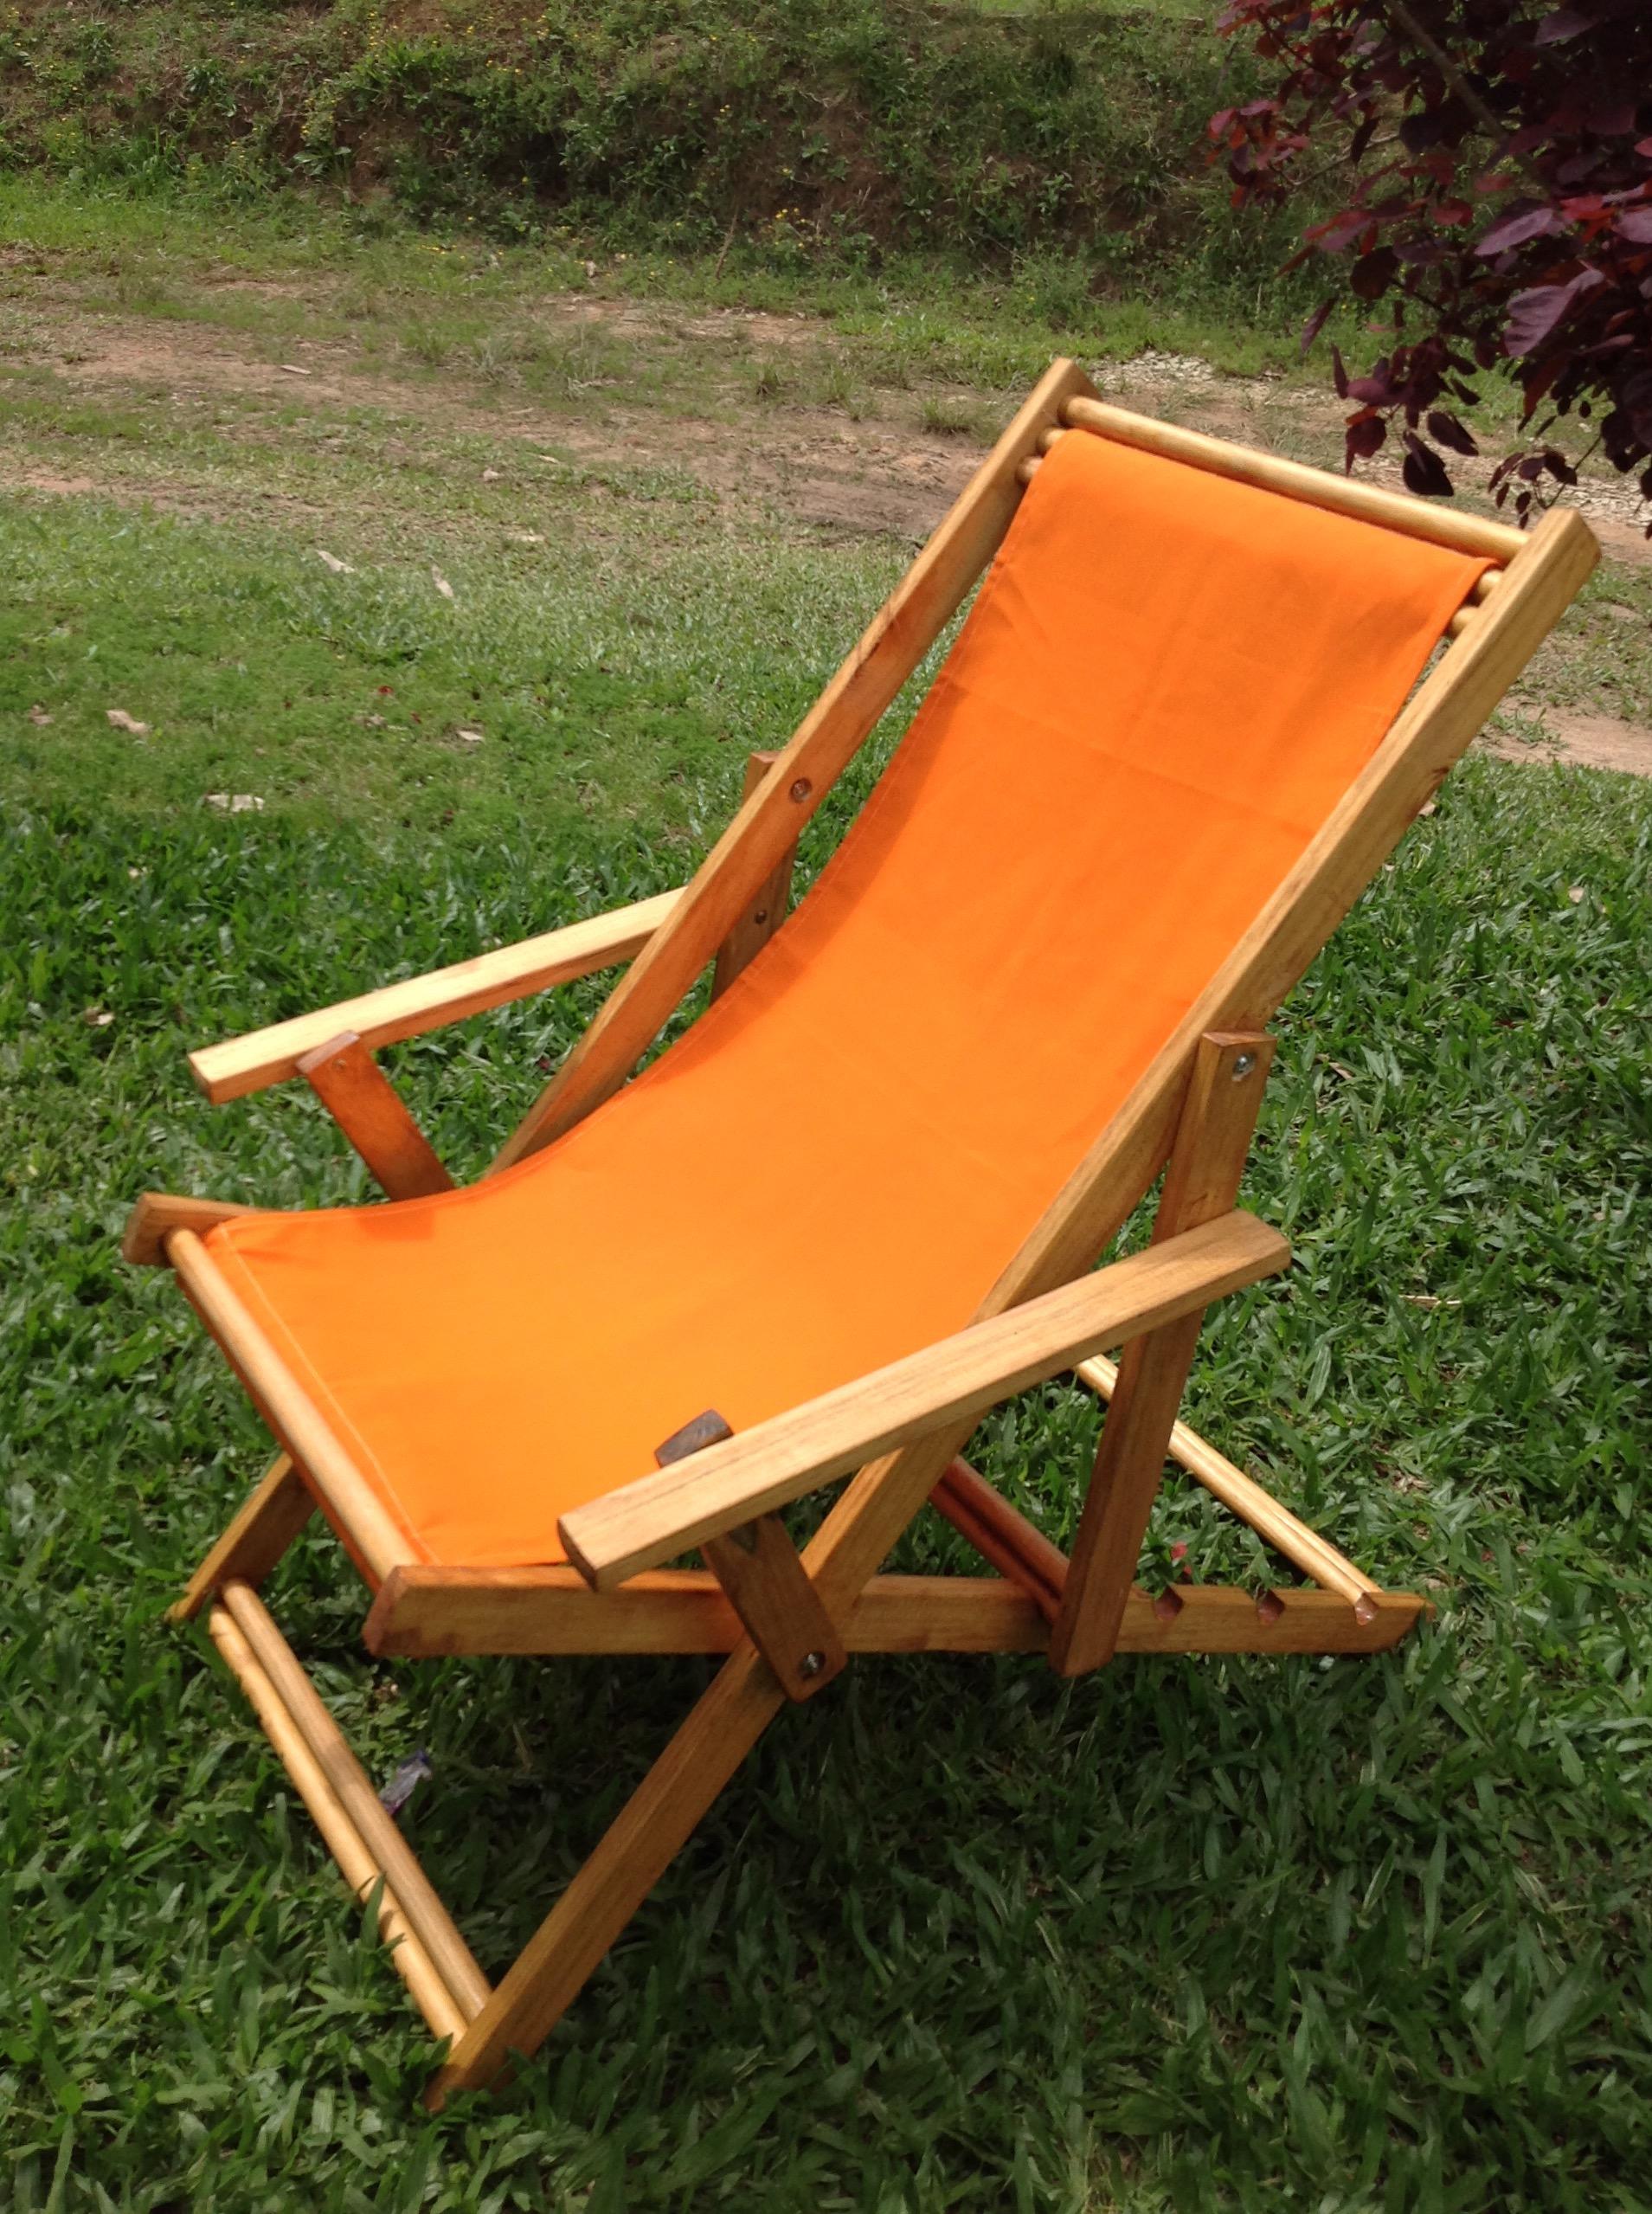 cadeira espreguicadeira lonita cadeira espreguicadeira madeira #C9AB02 1909x2558